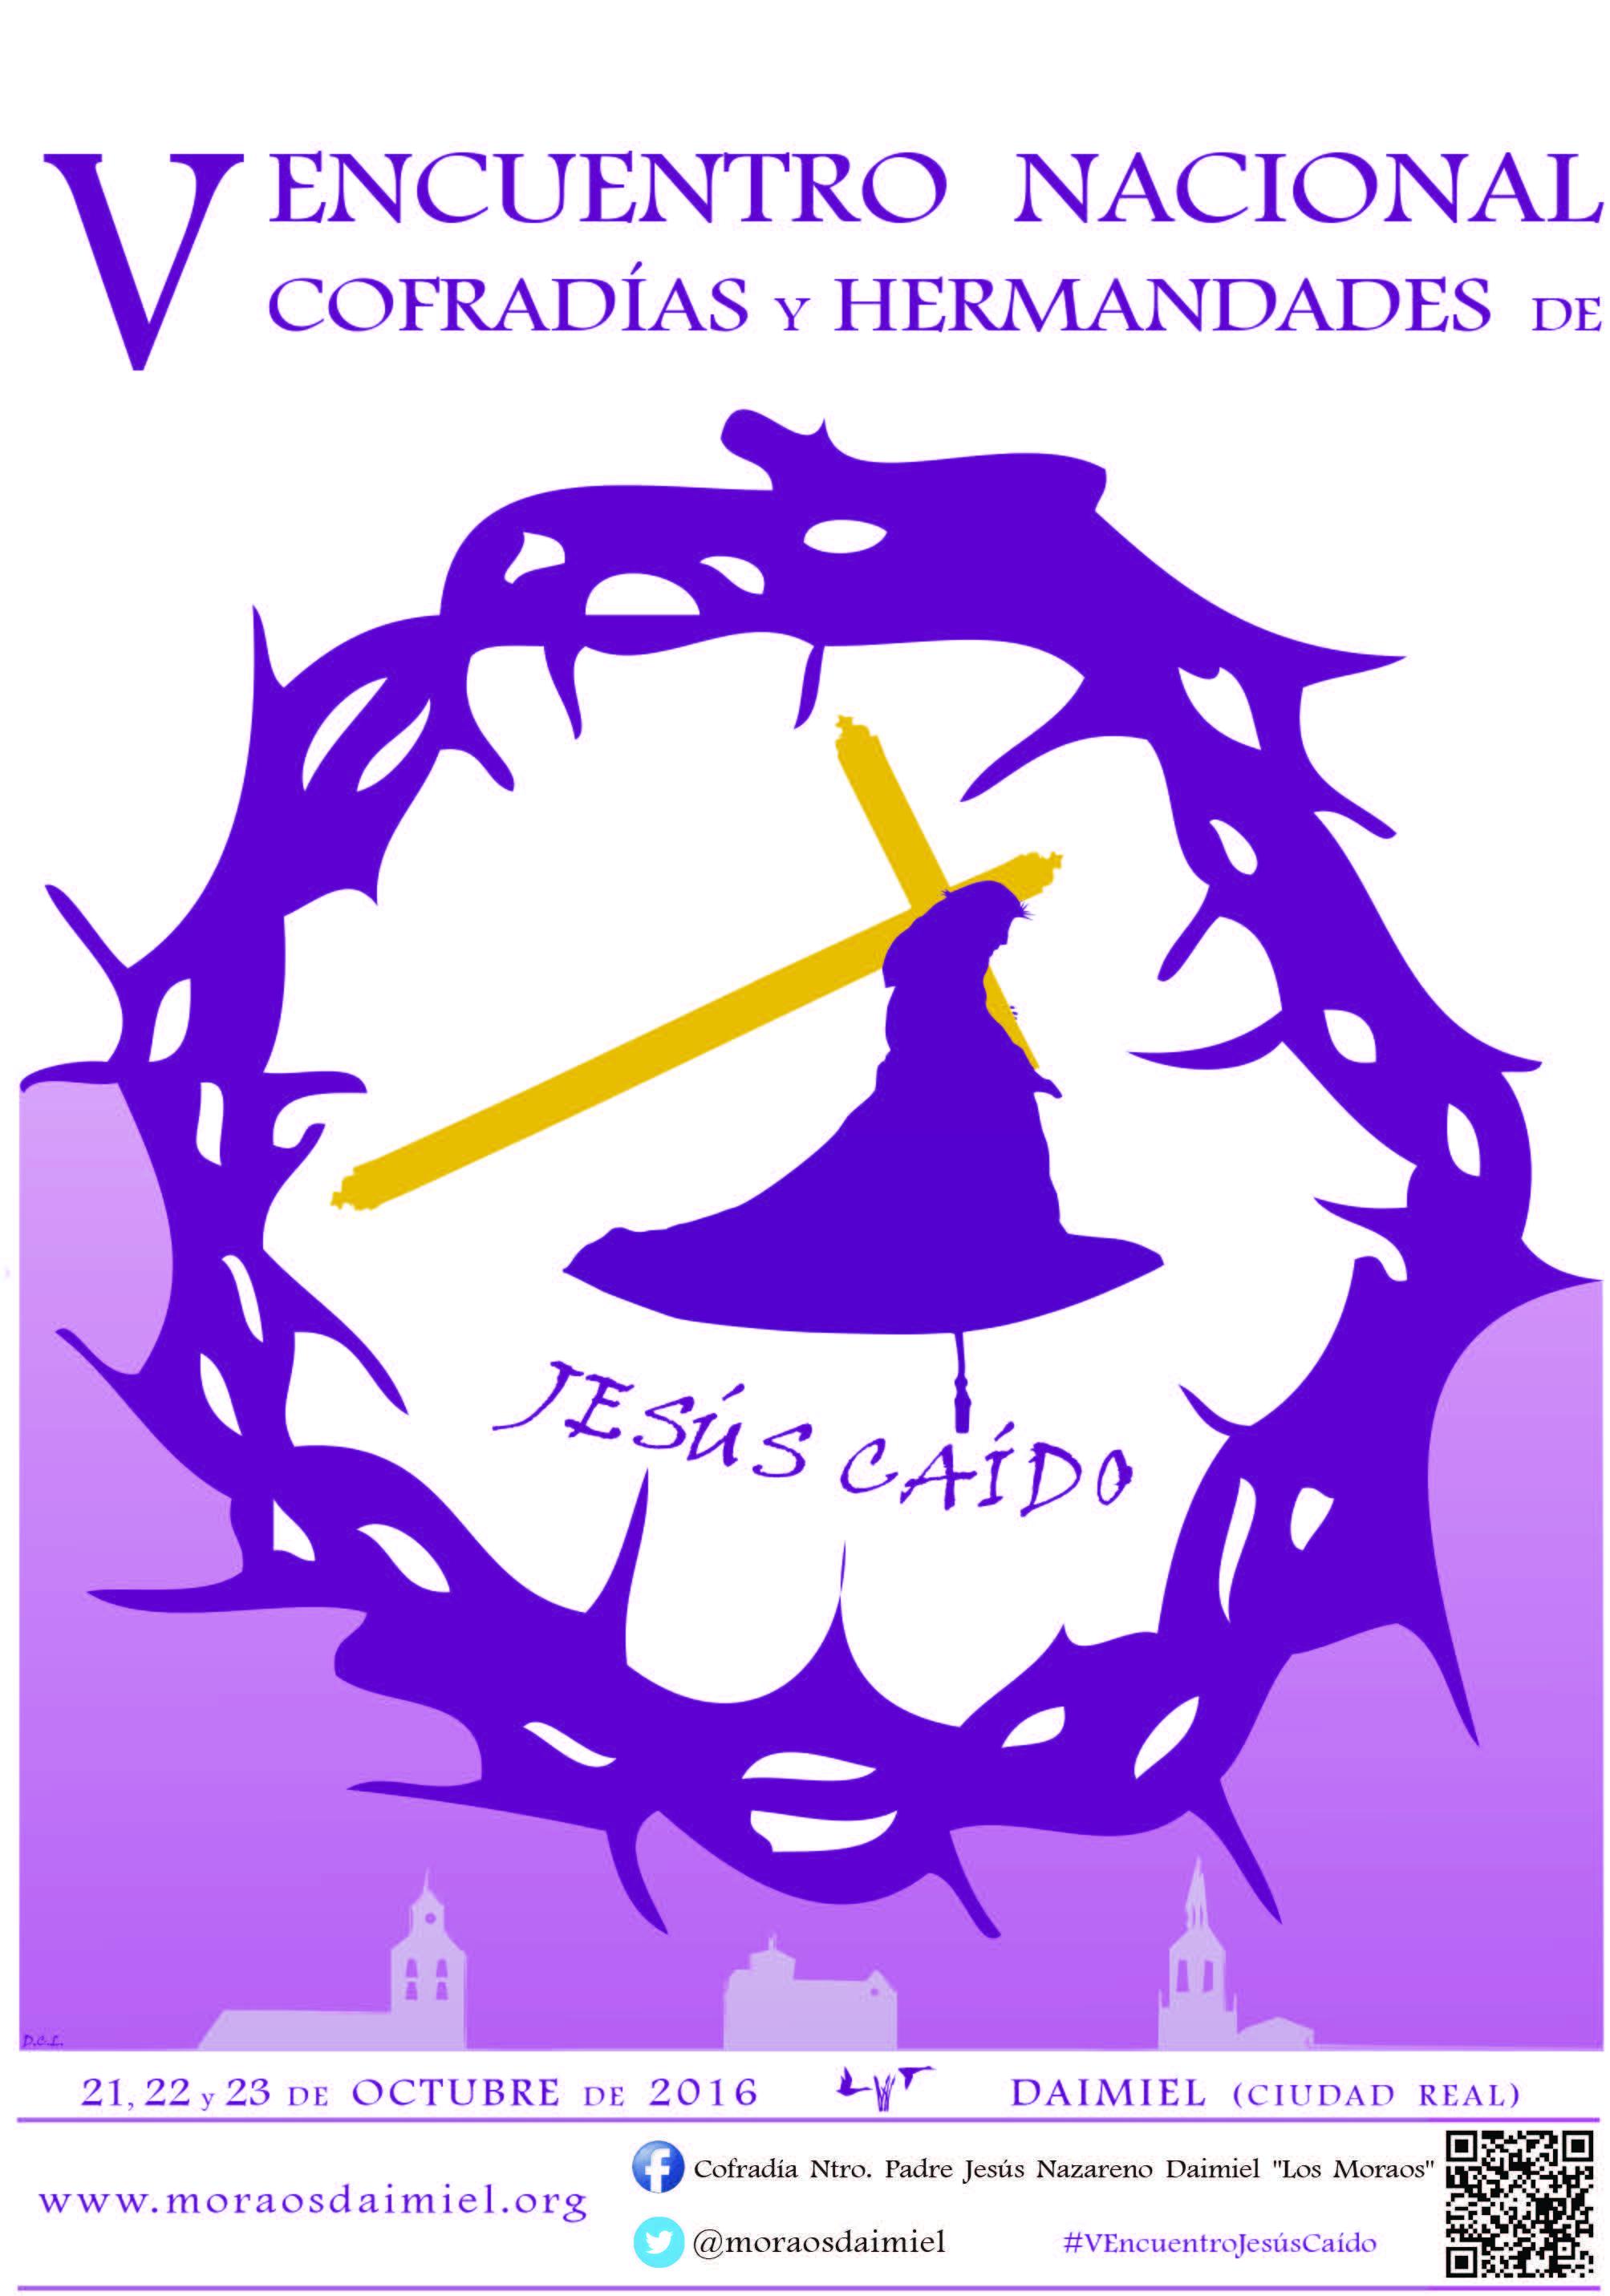 El V Encuentro Nacional de Cofradías y Hermandades de Jesús Caído se celebrará en Daimiel del 21 al 23 de octubre